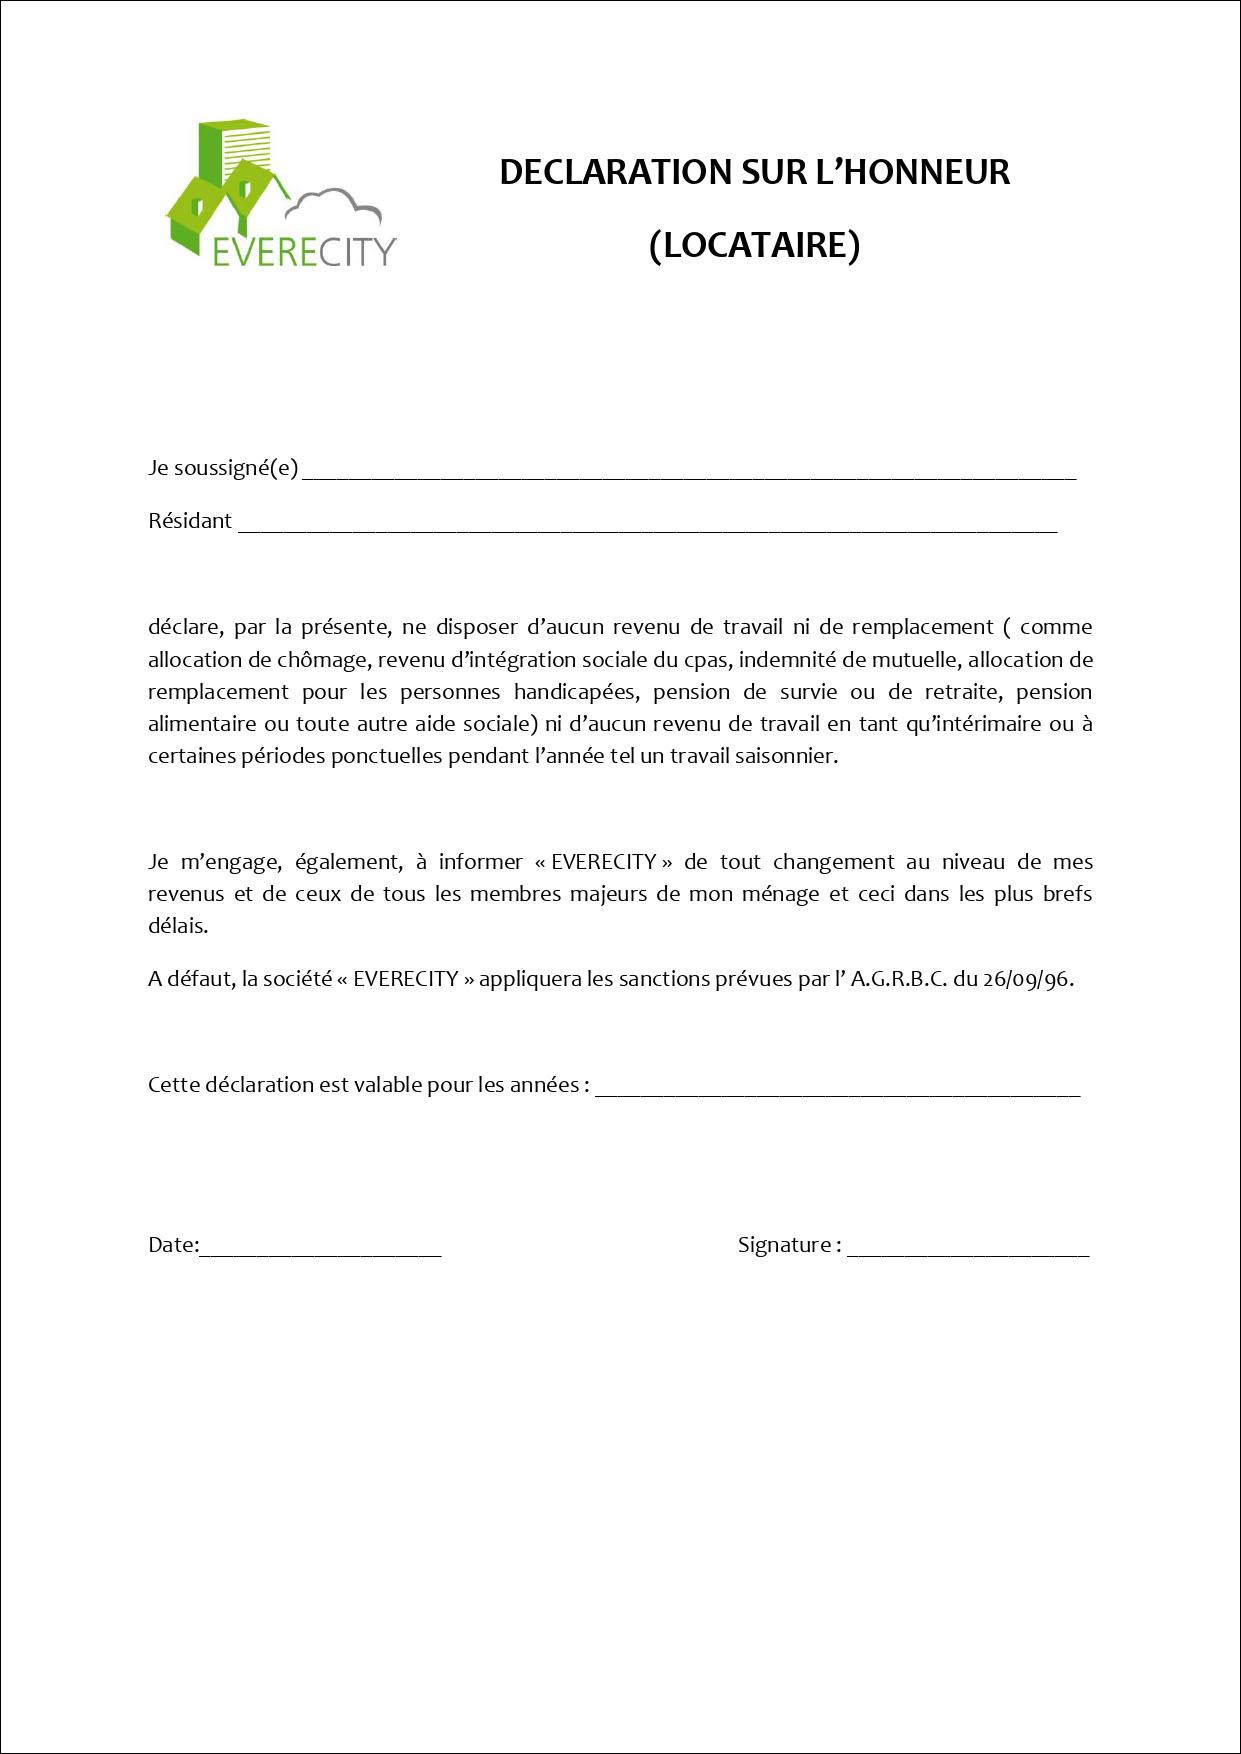 Déclaration sur l'honneur - Locataire